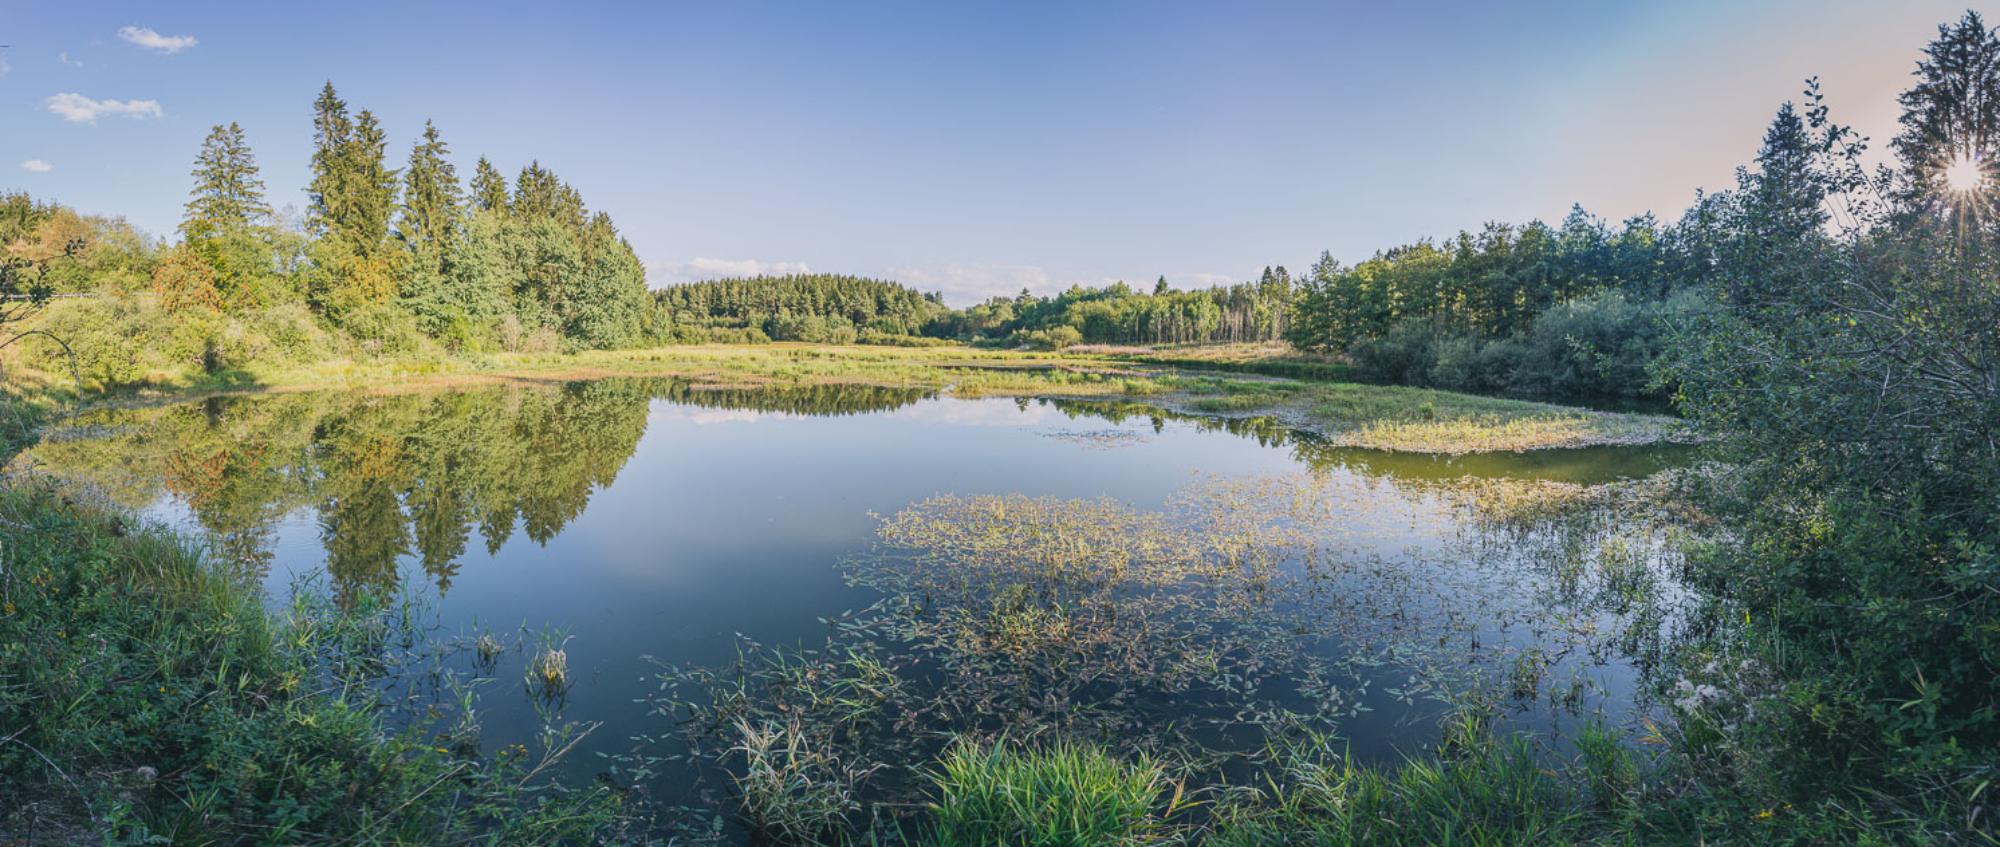 Parc naturel des Hautes Fagnes - Eifel